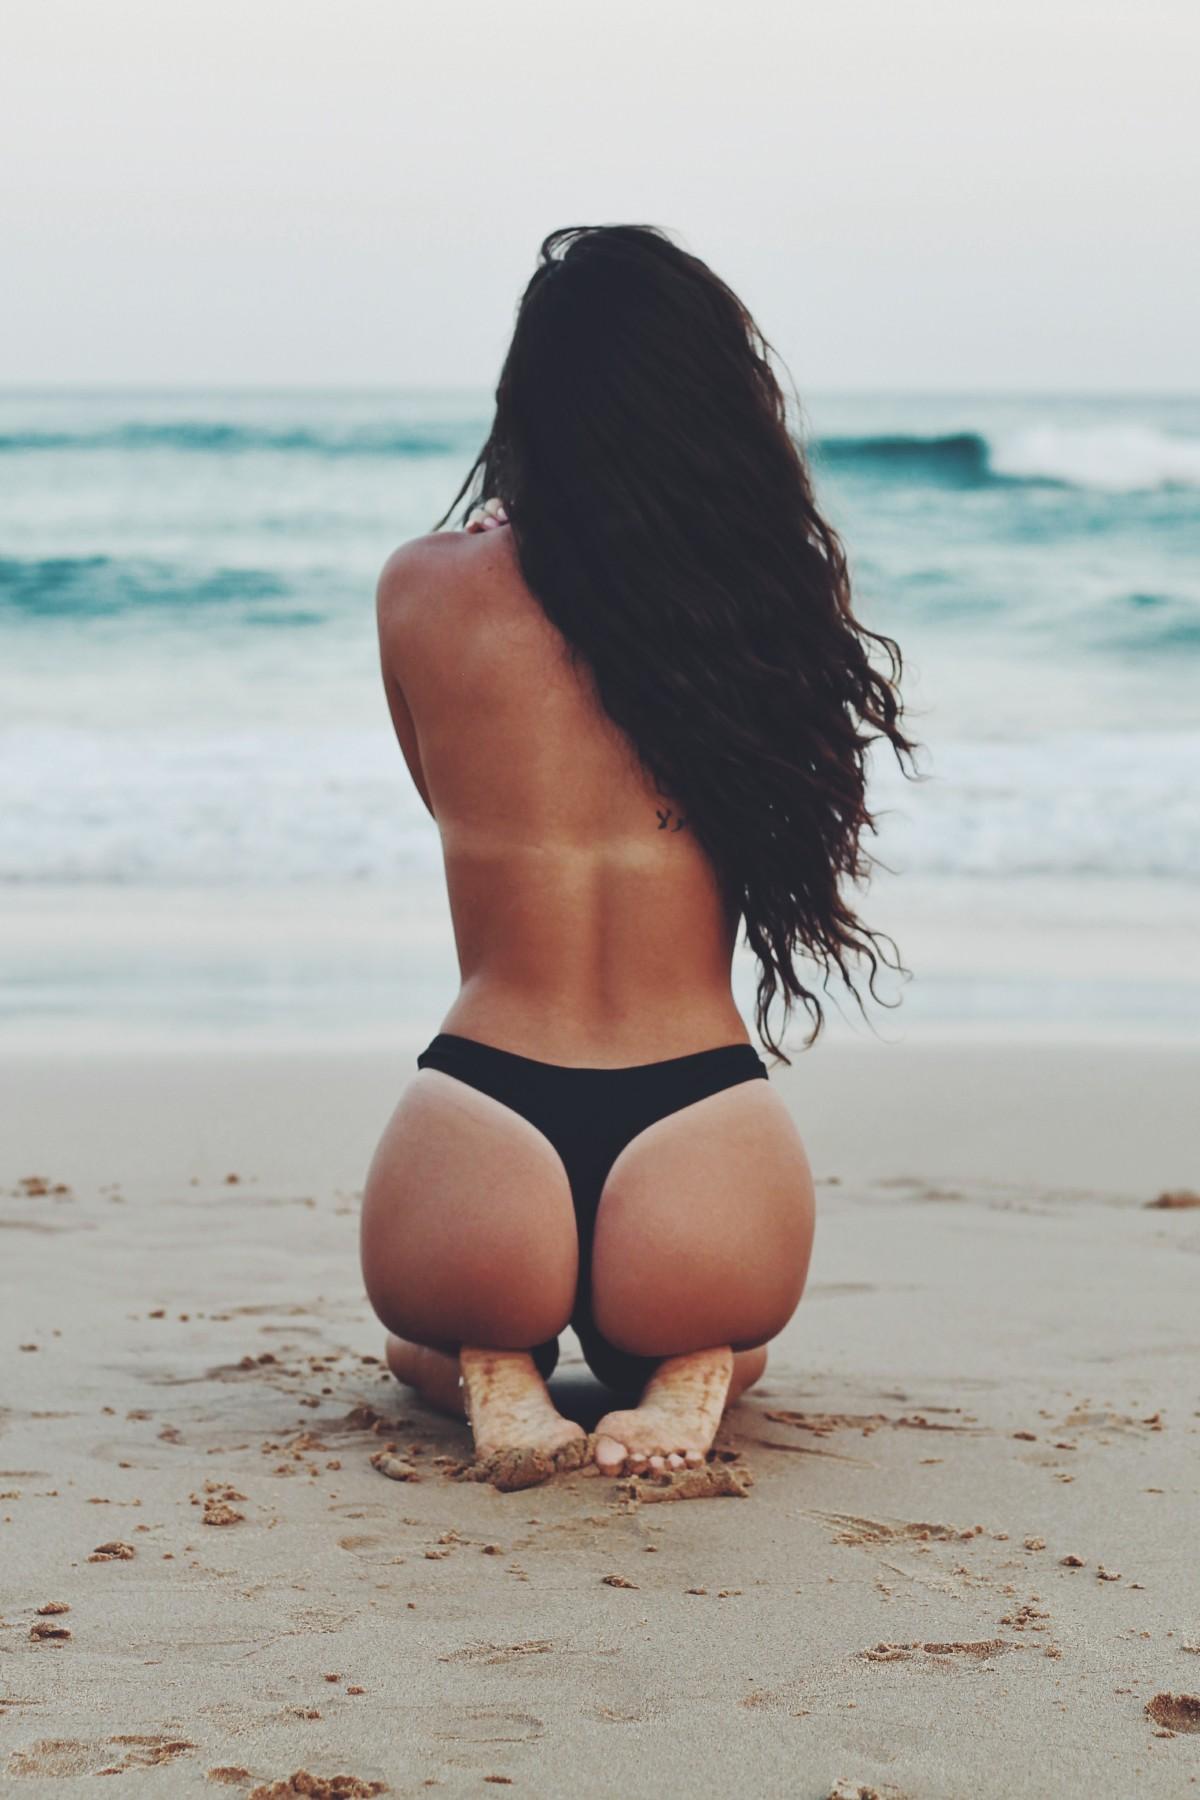 убедиться фото девушек в бикини с каре вид сзади вие наистина карате